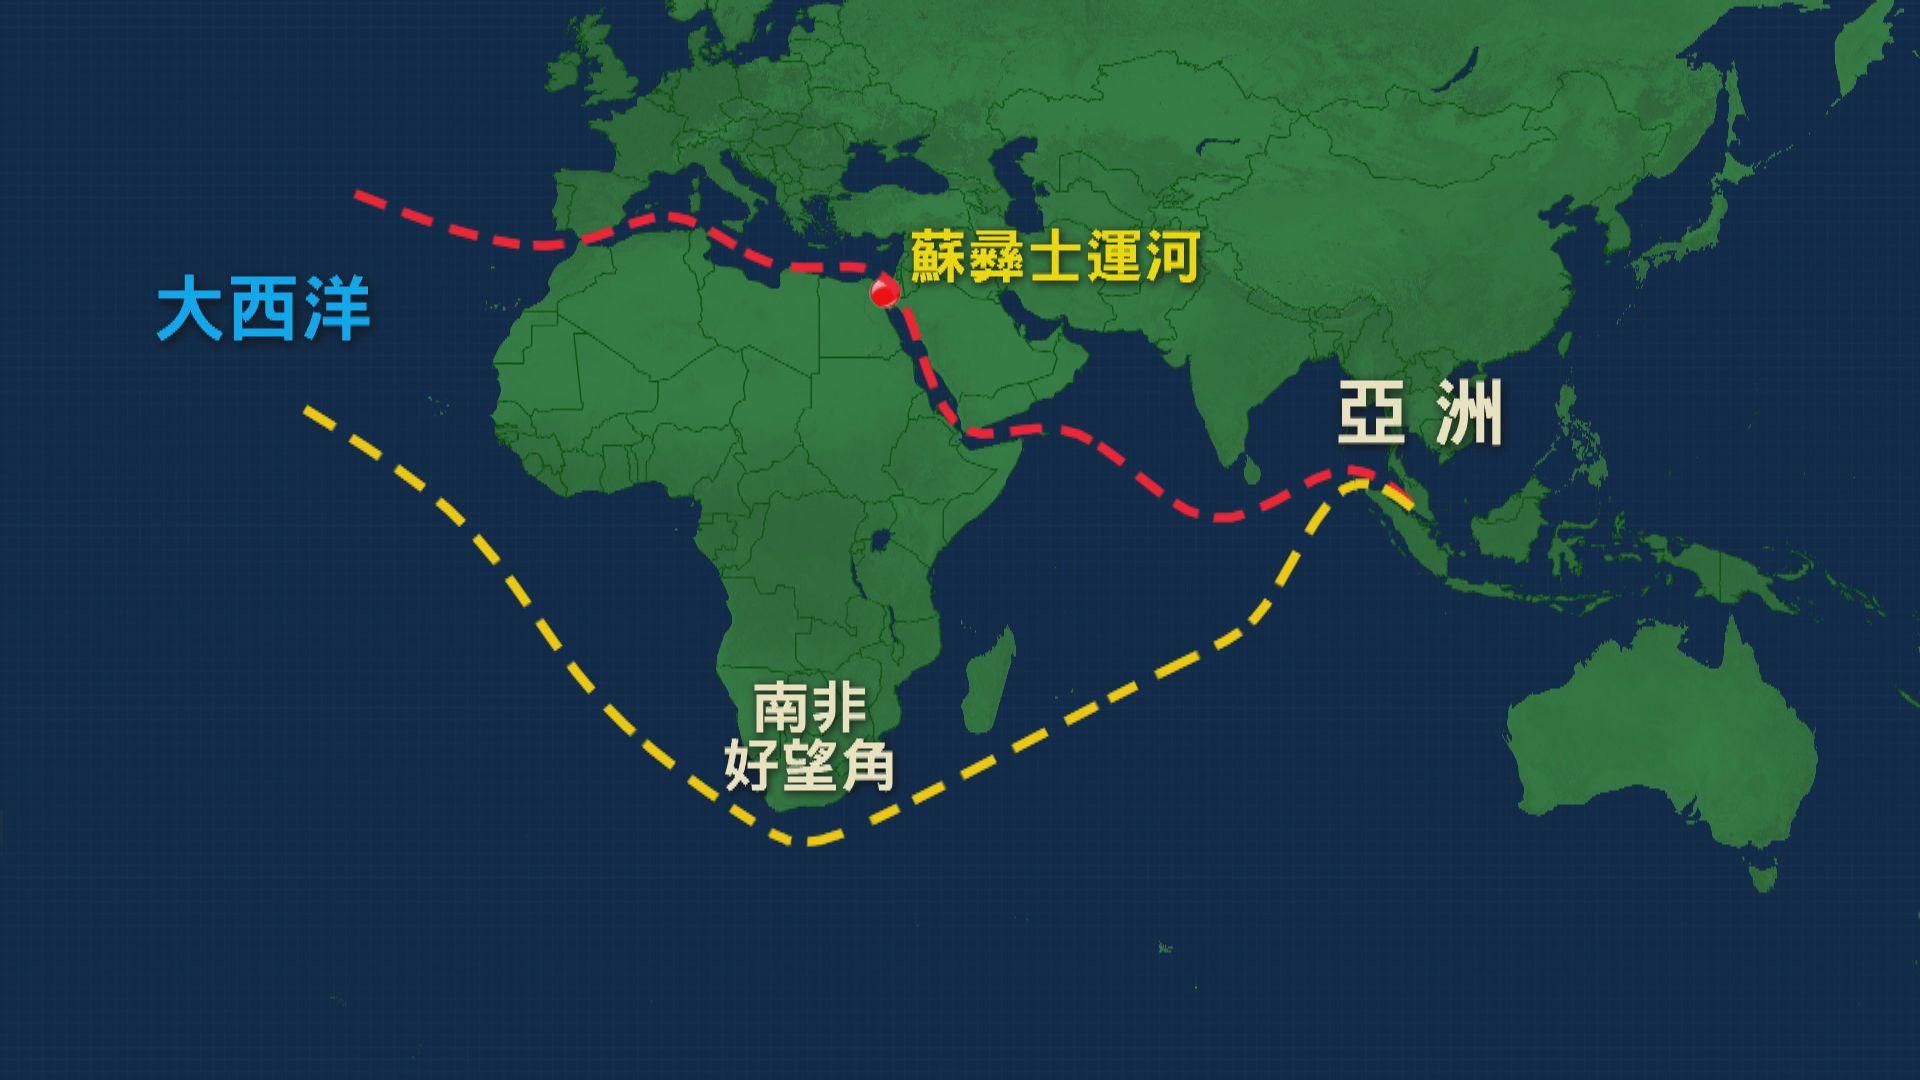 蘇彝士運河仍被塞 船隻要改行好望角航道